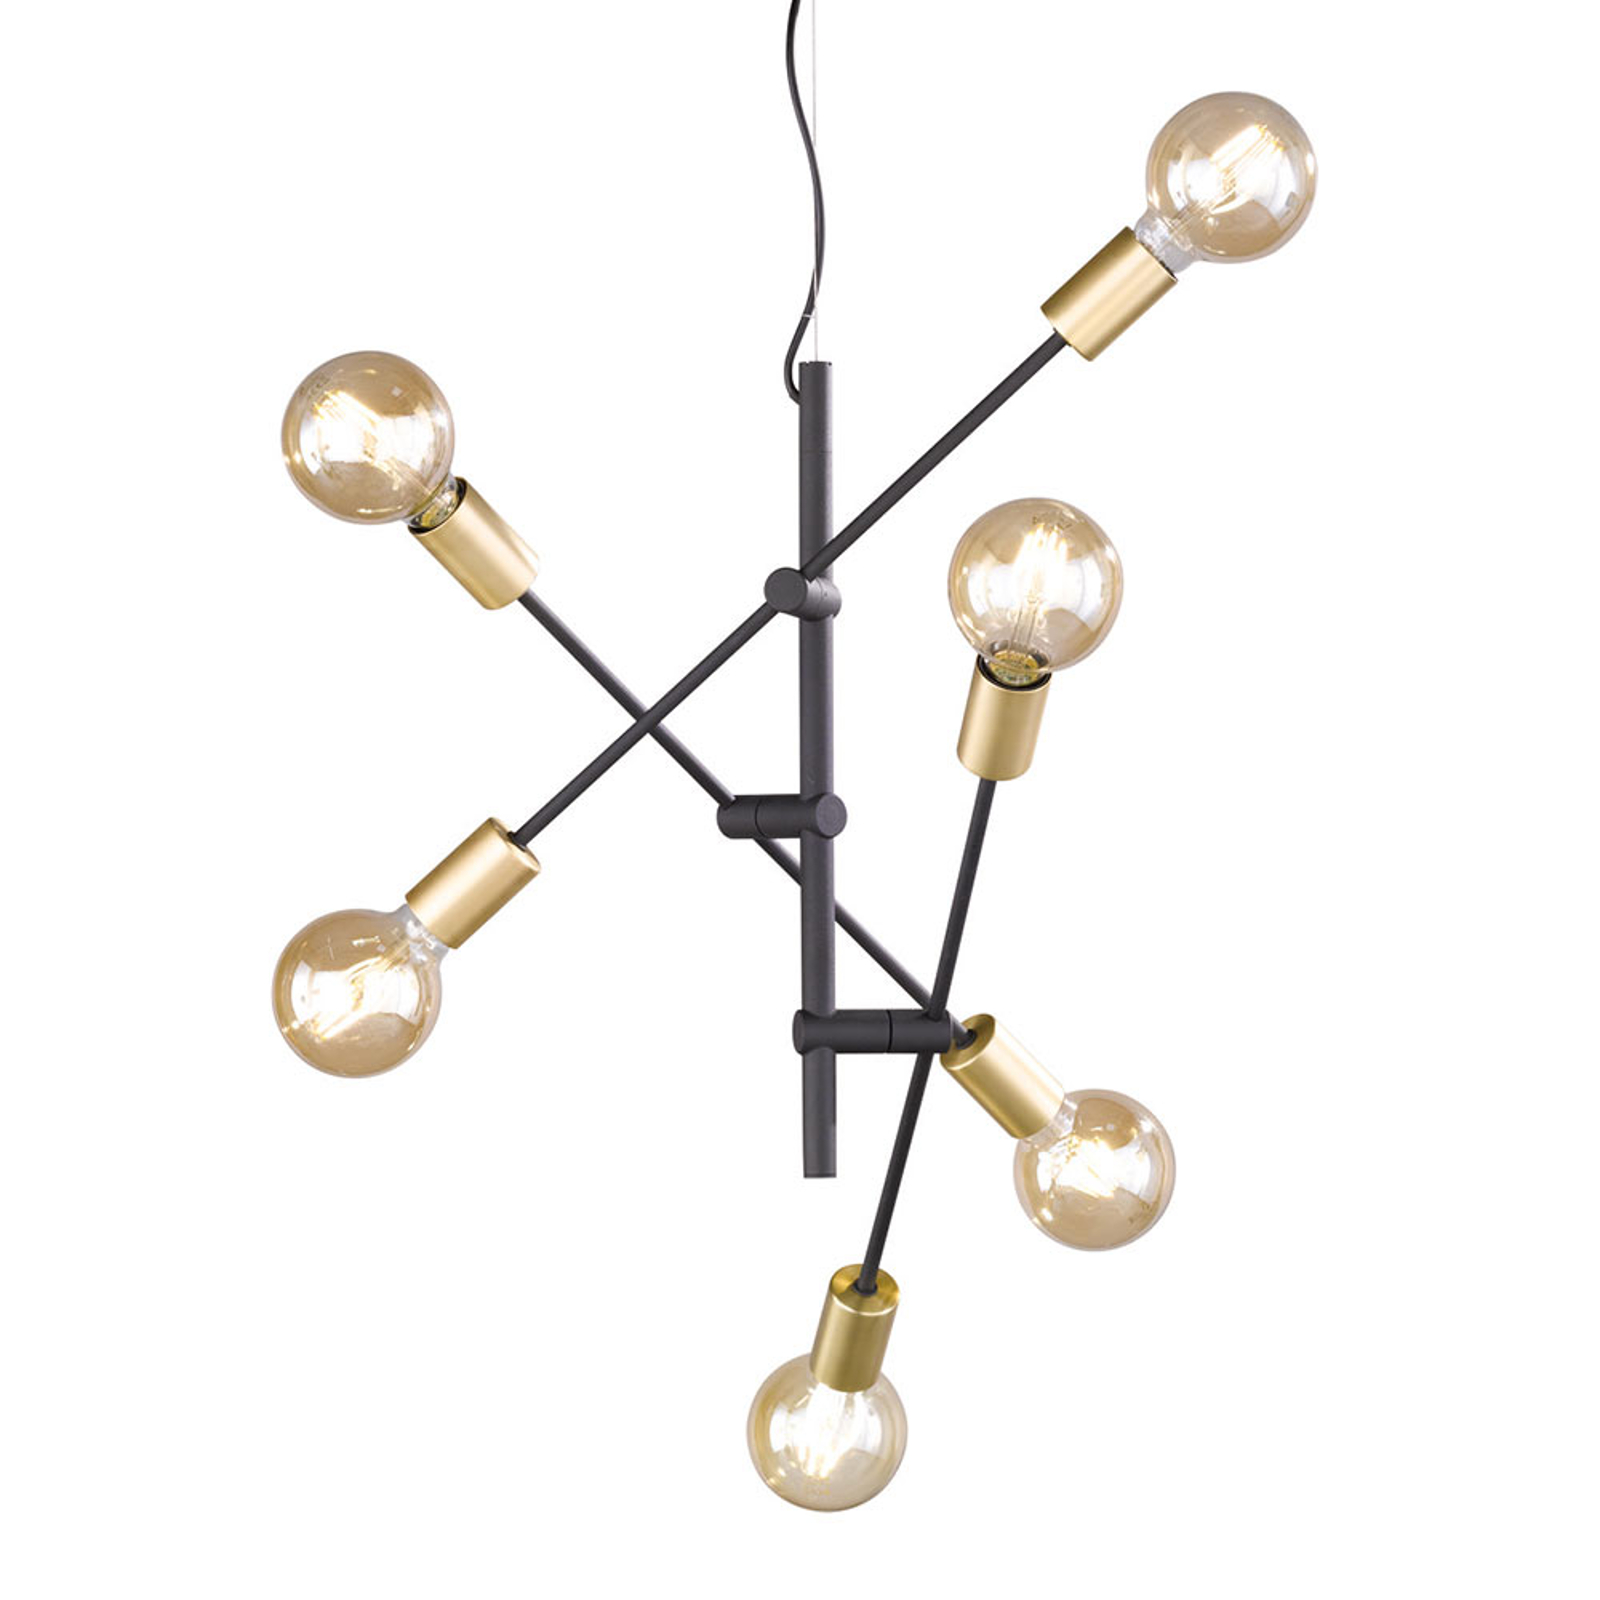 Minimalistisch vormgegeven hanglamp Cross